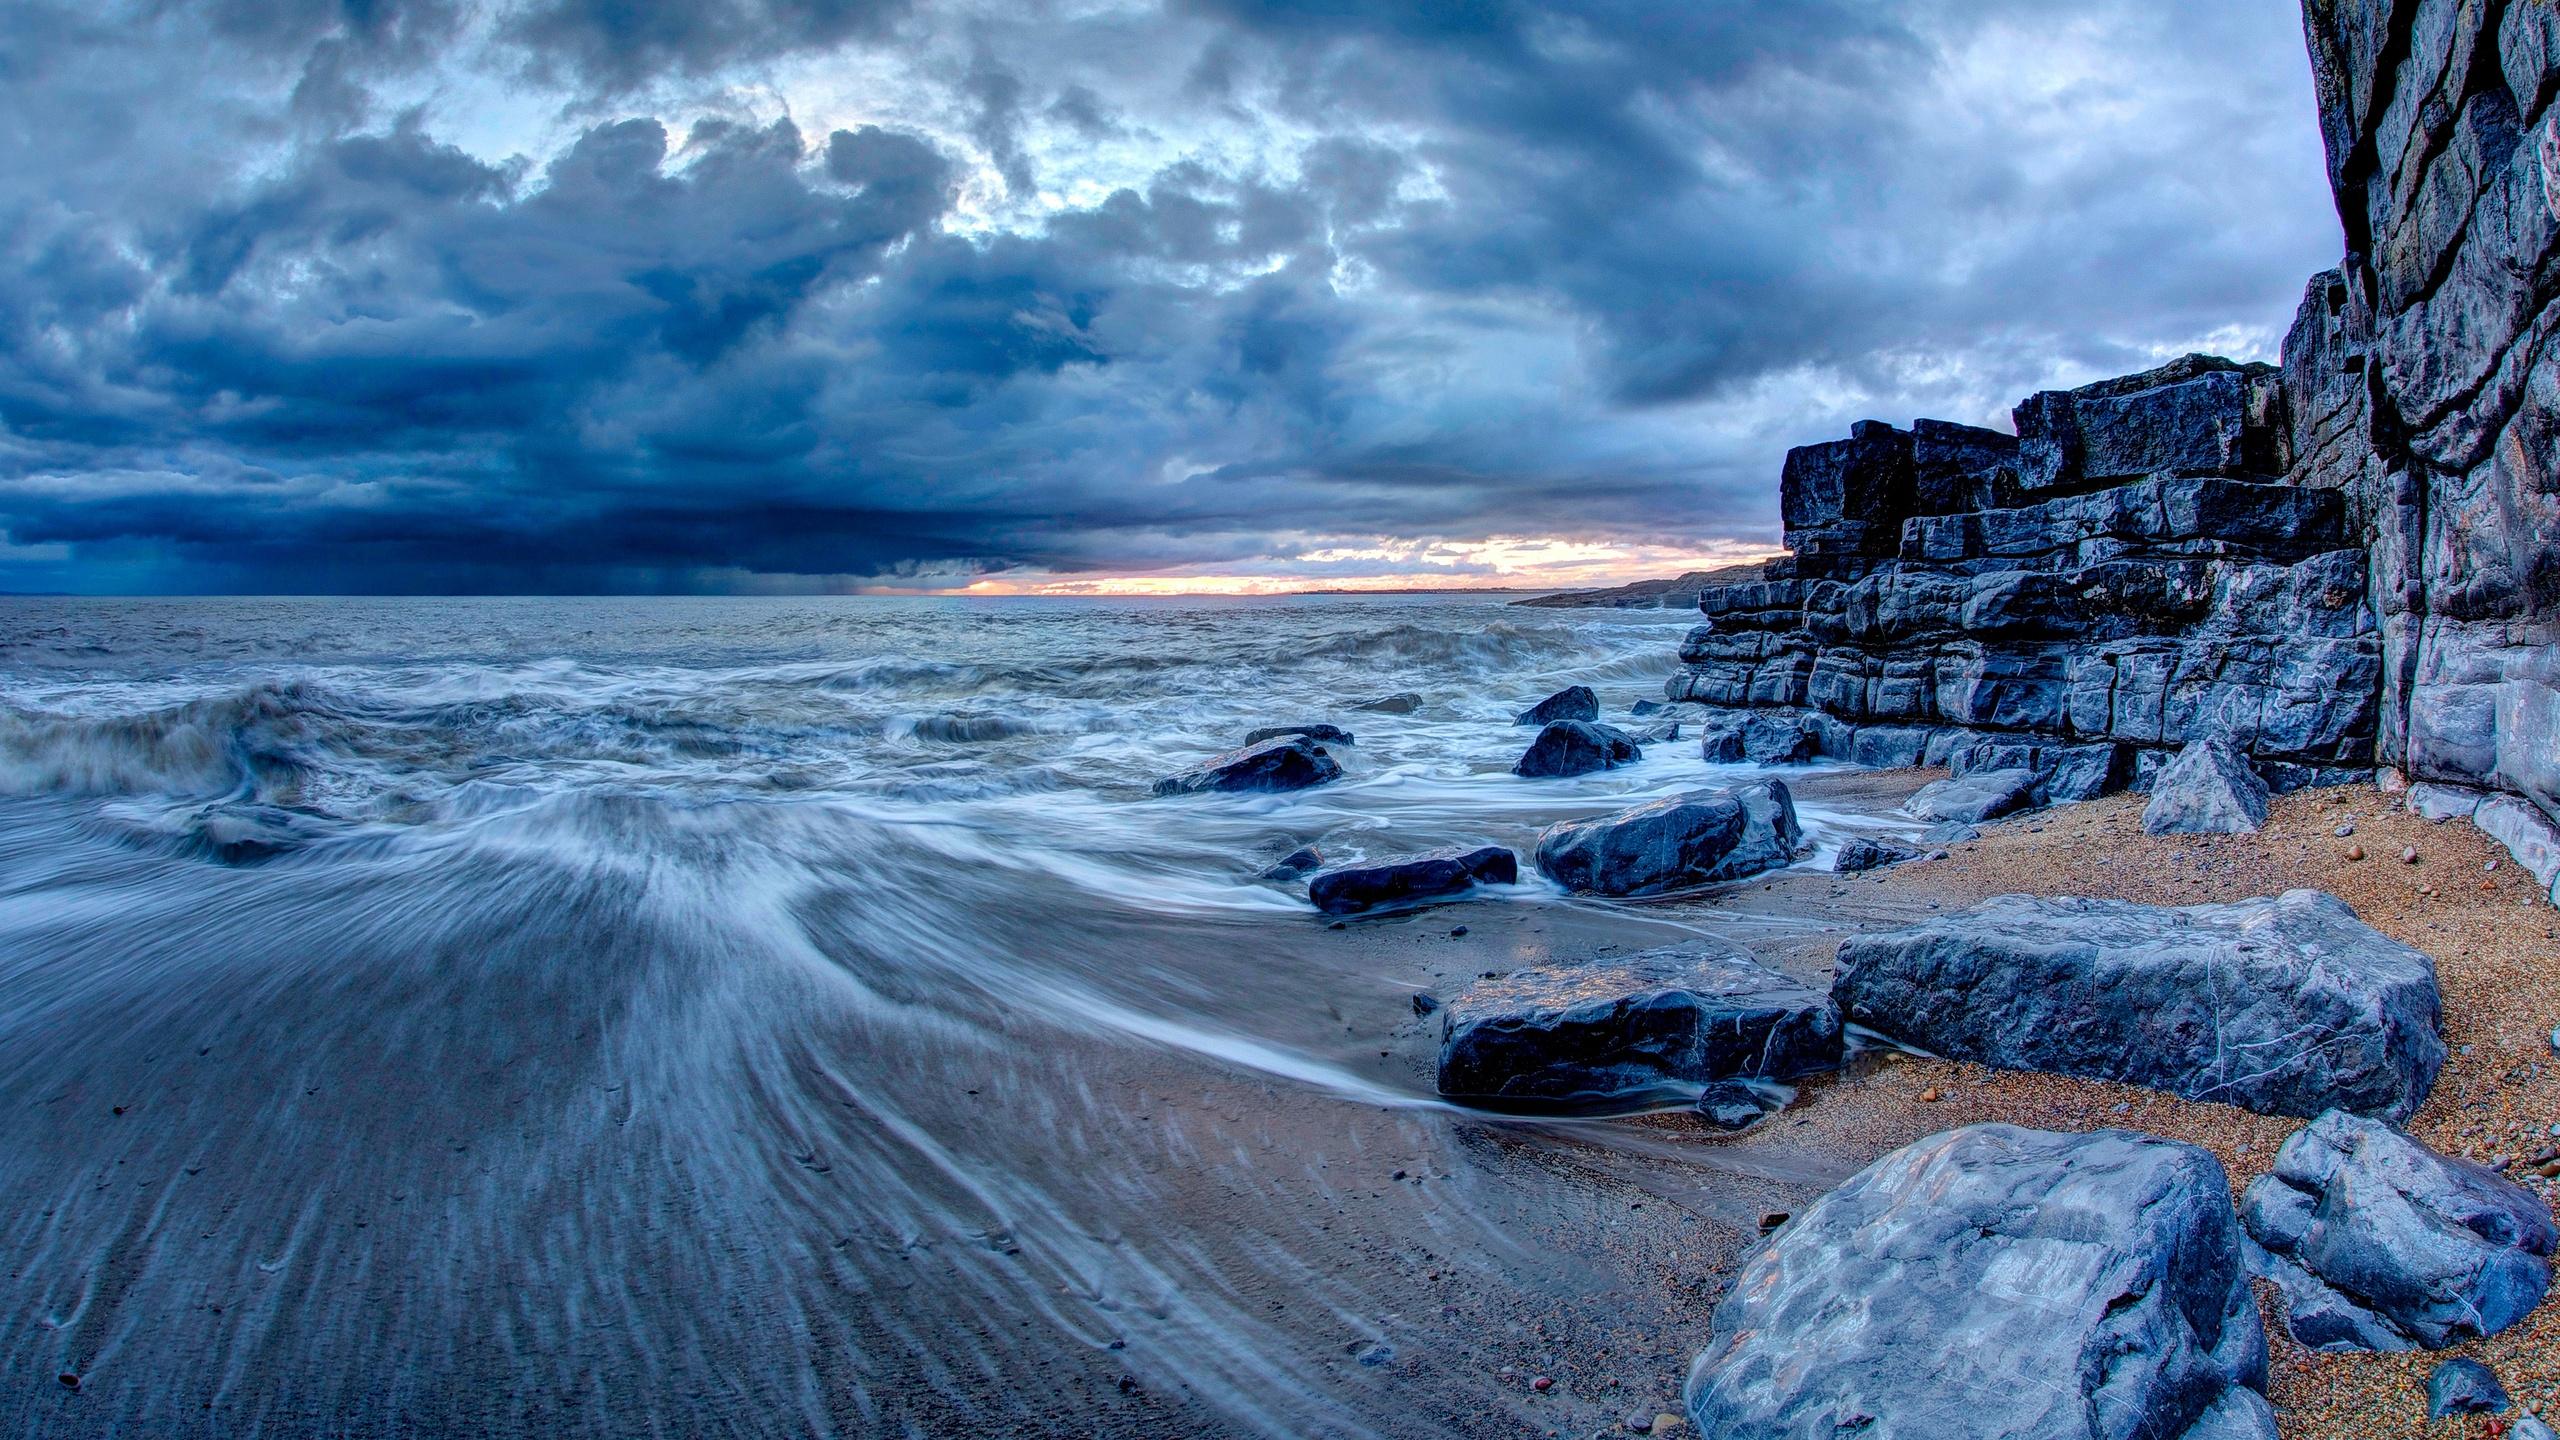 sea-water-rocks-clouds-long-exposure-4k-0u.jpg